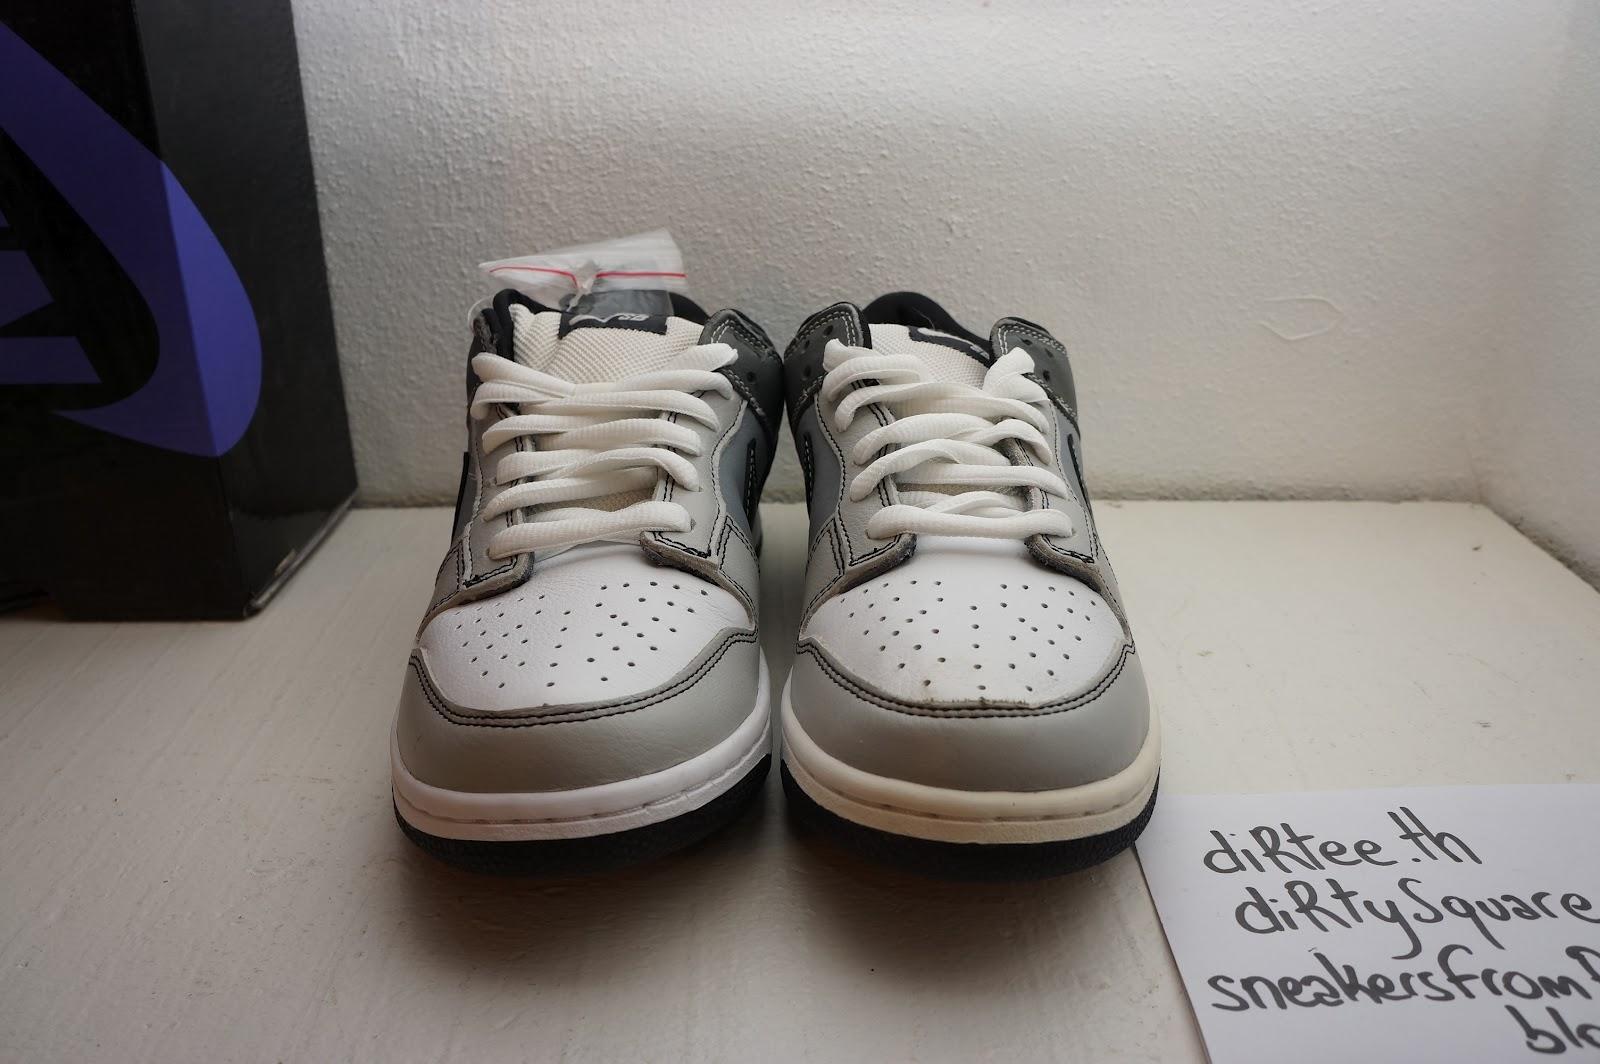 separation shoes e198a c12b6 ... sweden nike sb dunk low premium sb quickstrike lunar east 313170 002  2005. size 7.5